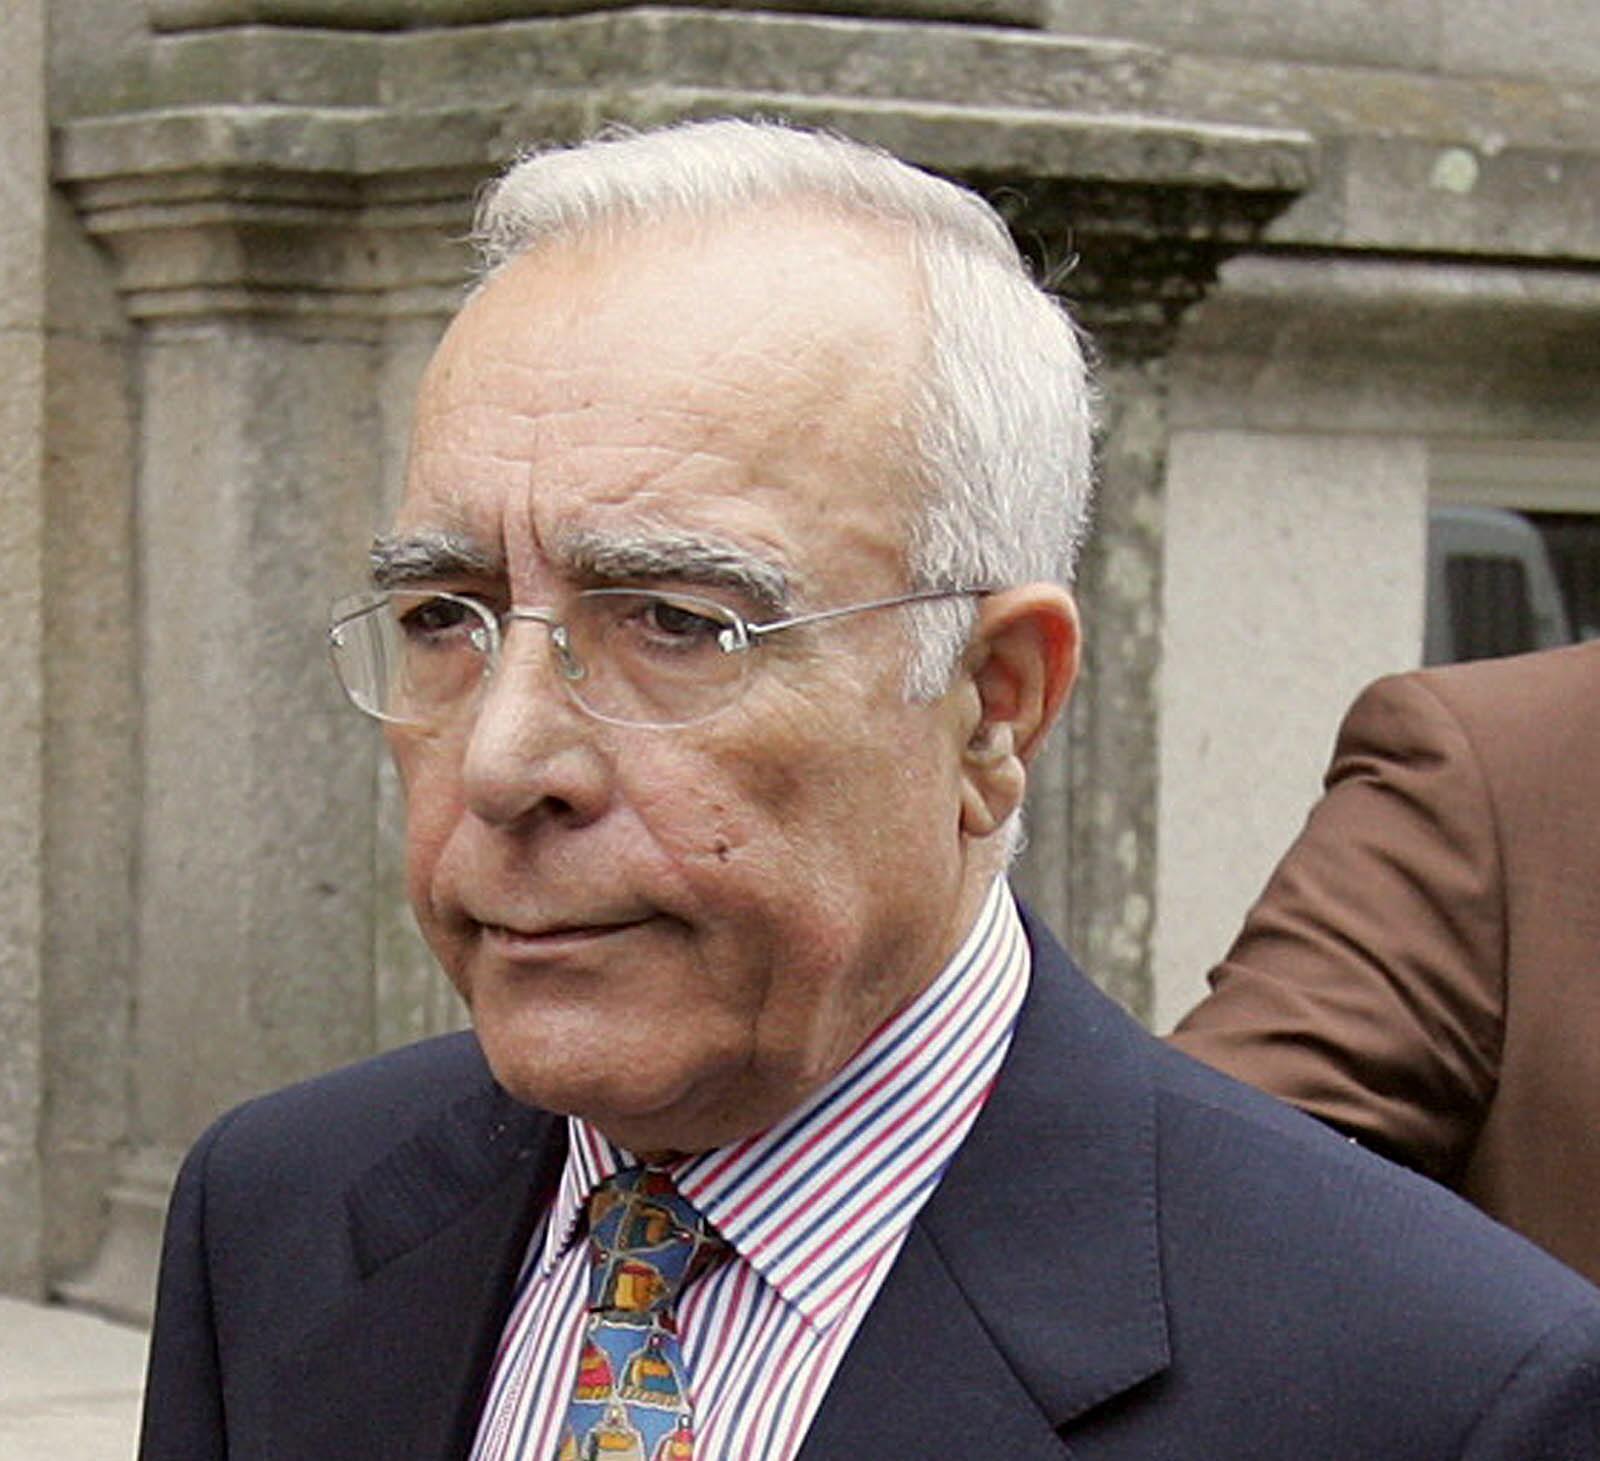 Francisco Cacharro abandona tranquilo la sede judicial tras declarar durante casi una hora